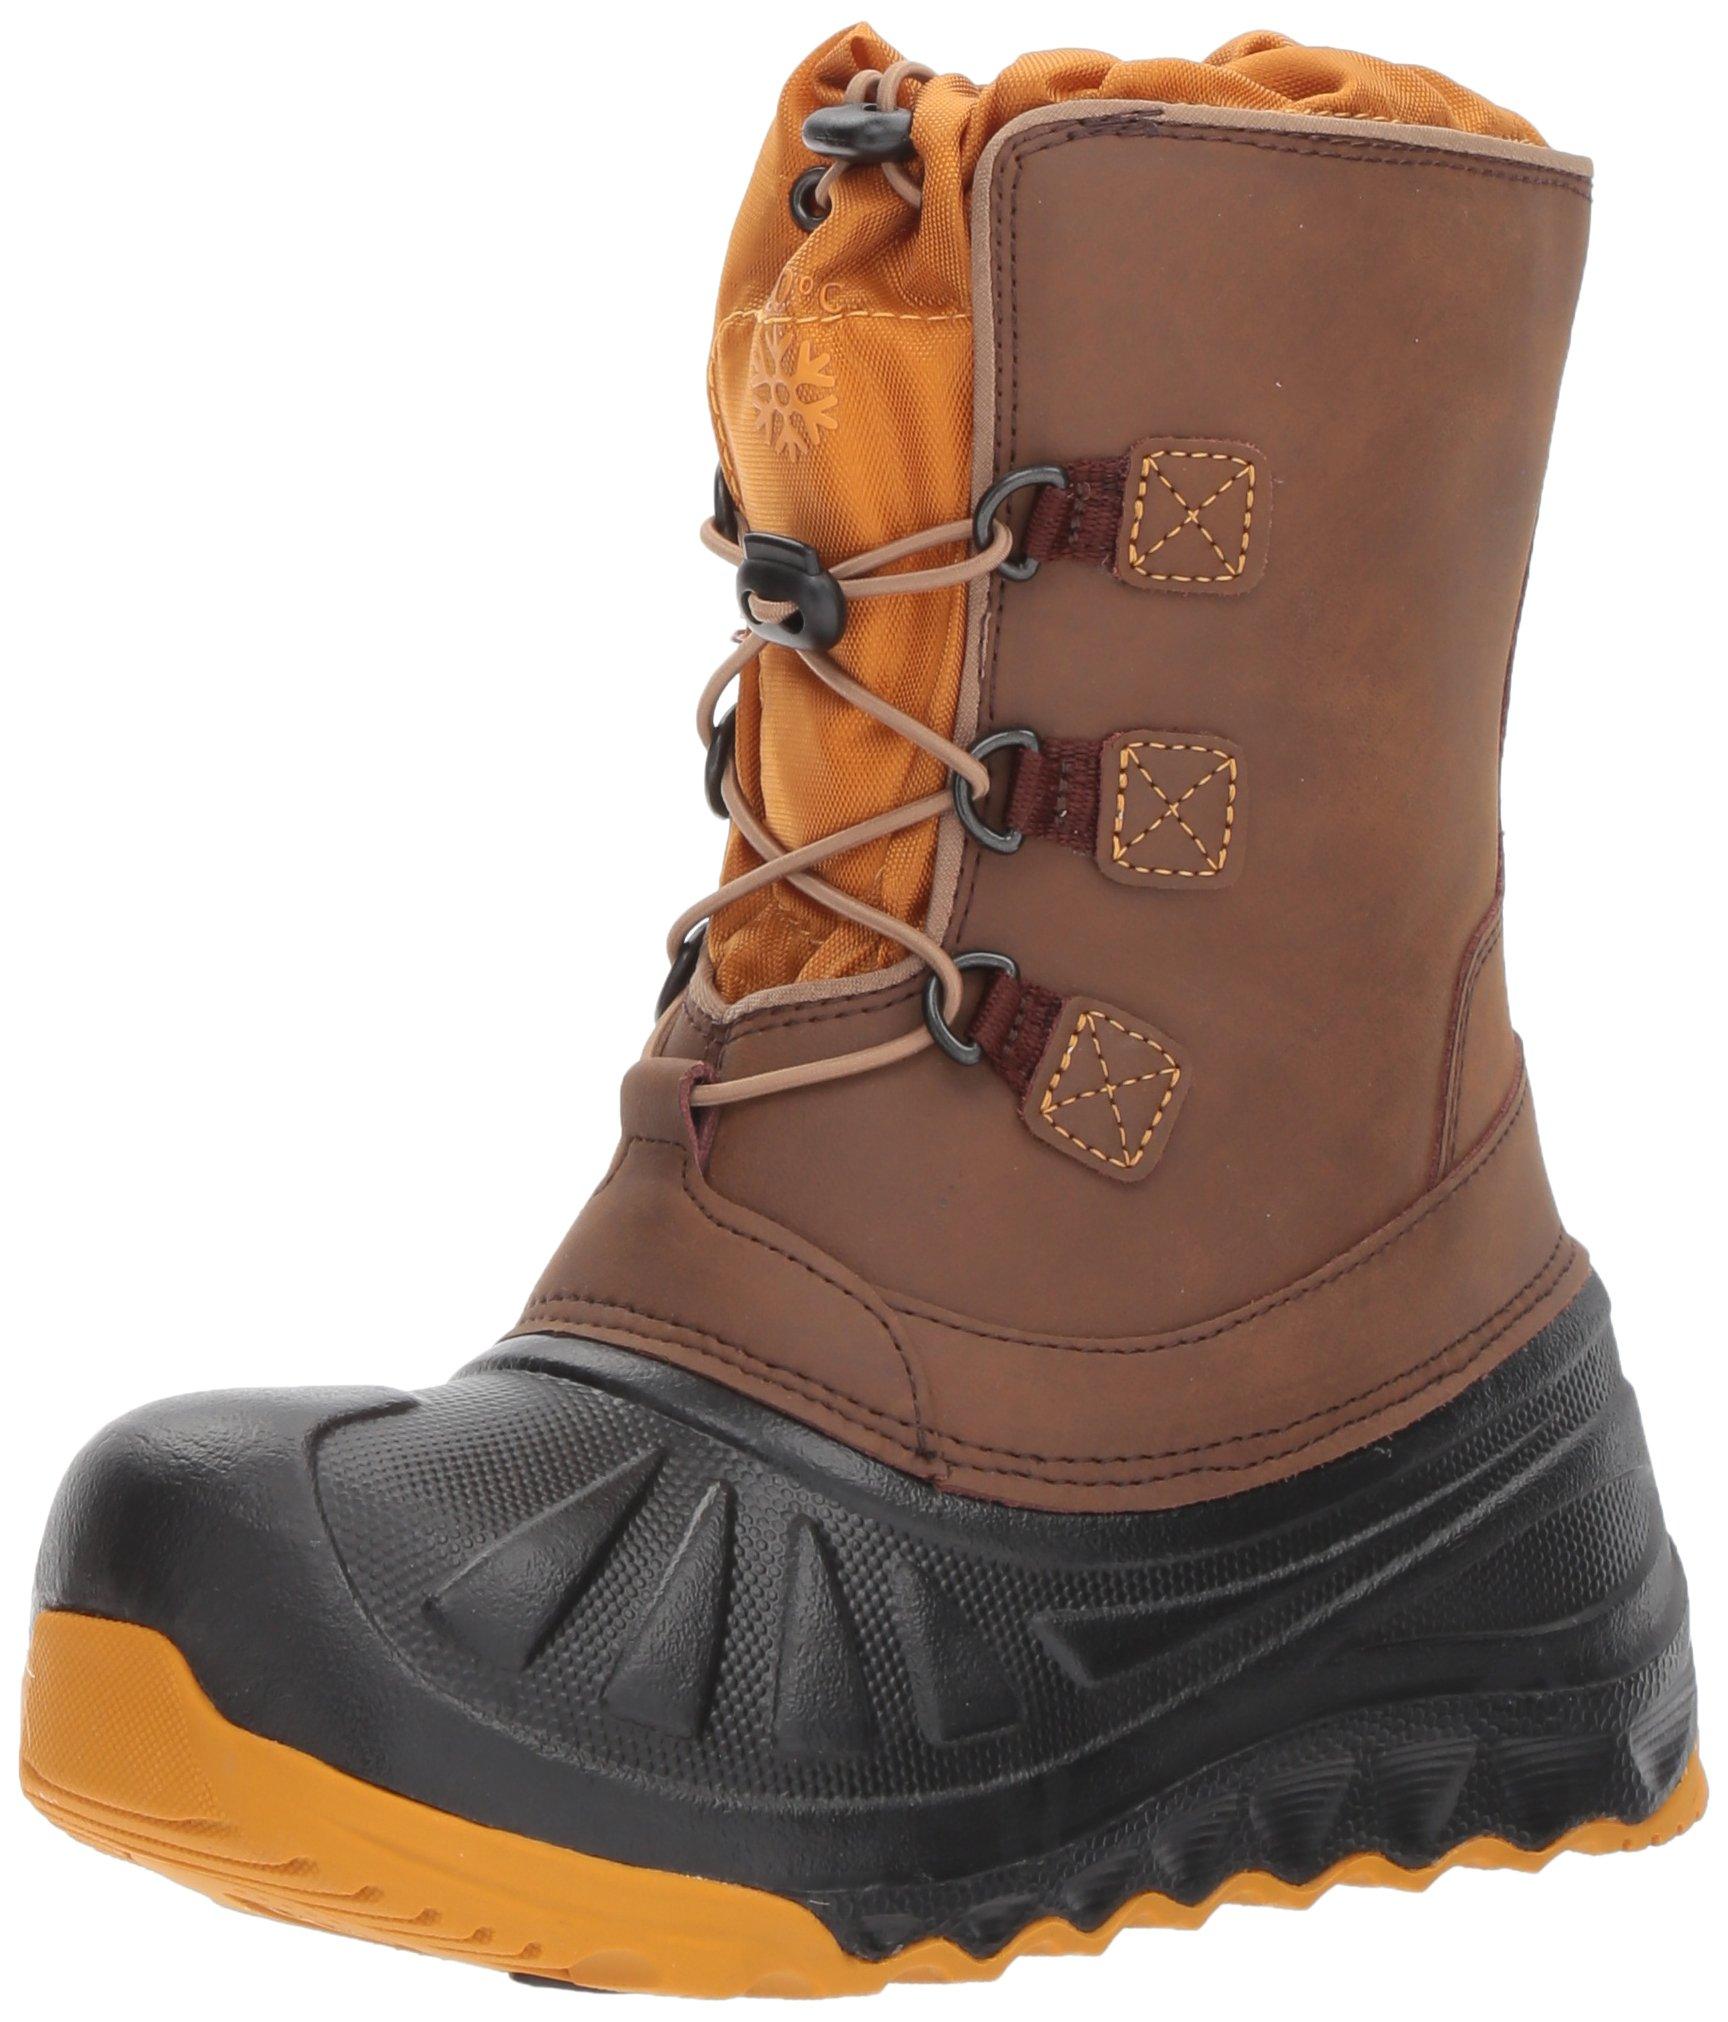 UGG Kids K Ludvig Pull-on Boot, Chocolate, 3 M US Little Kid